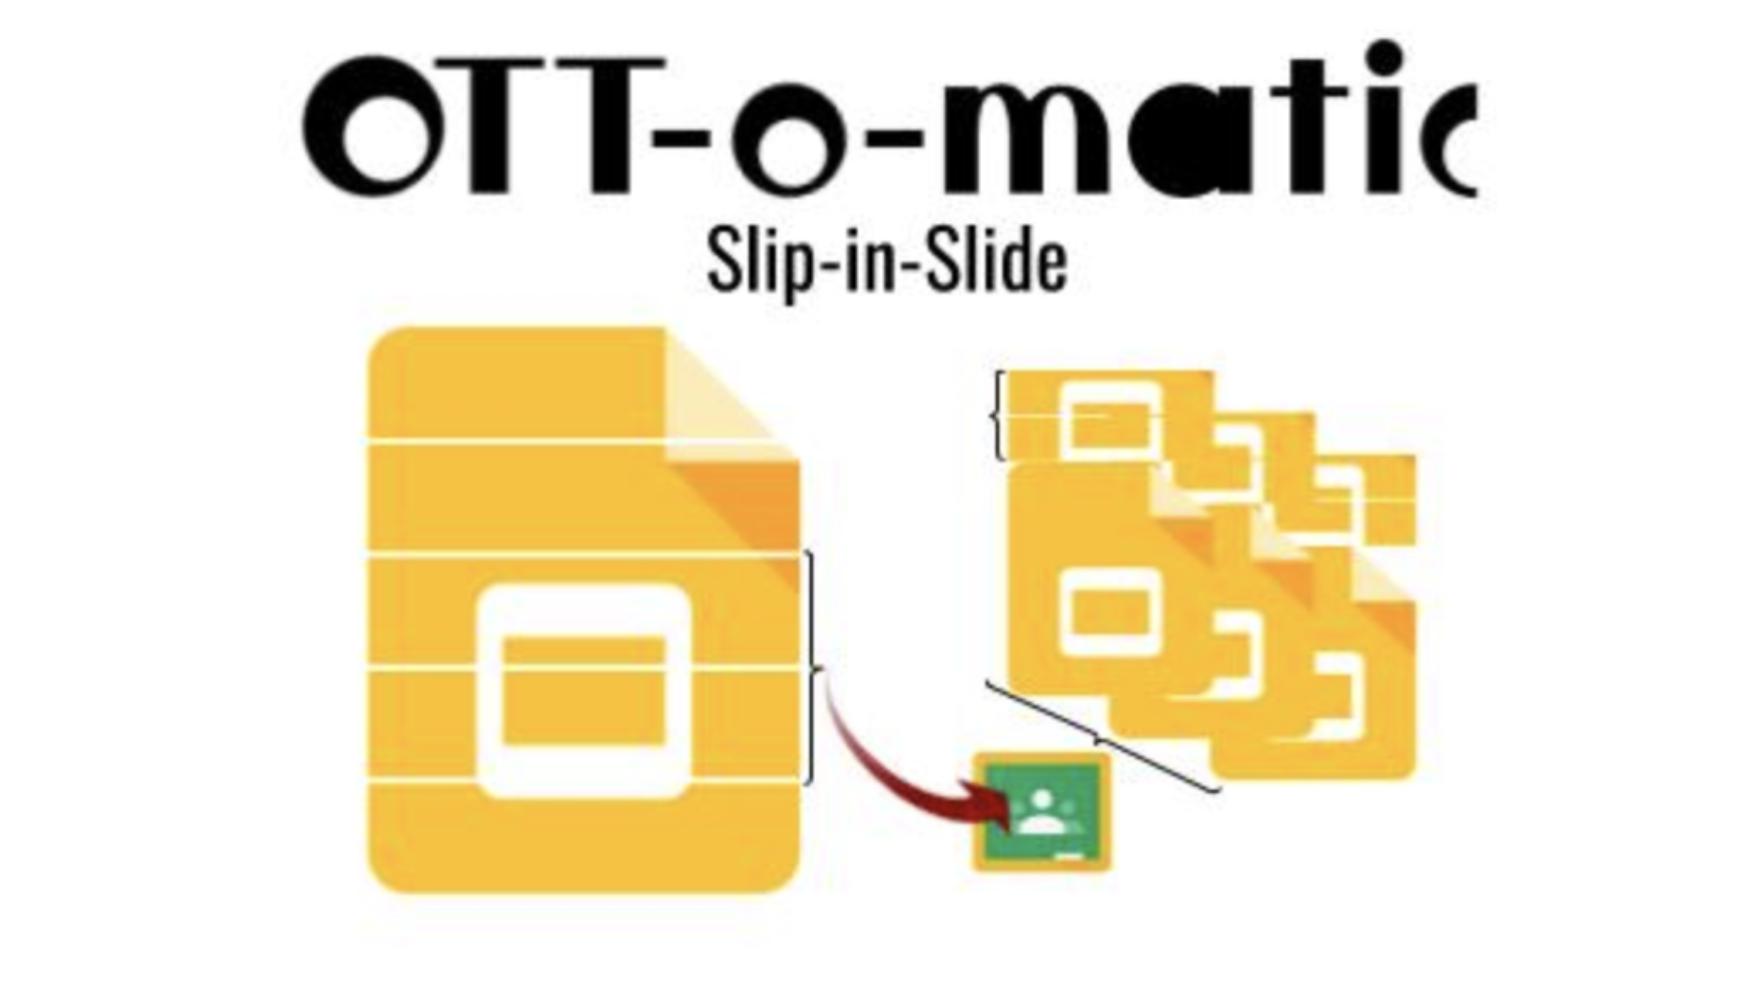 OTT-o-matic Slip-in-Slide Add-on